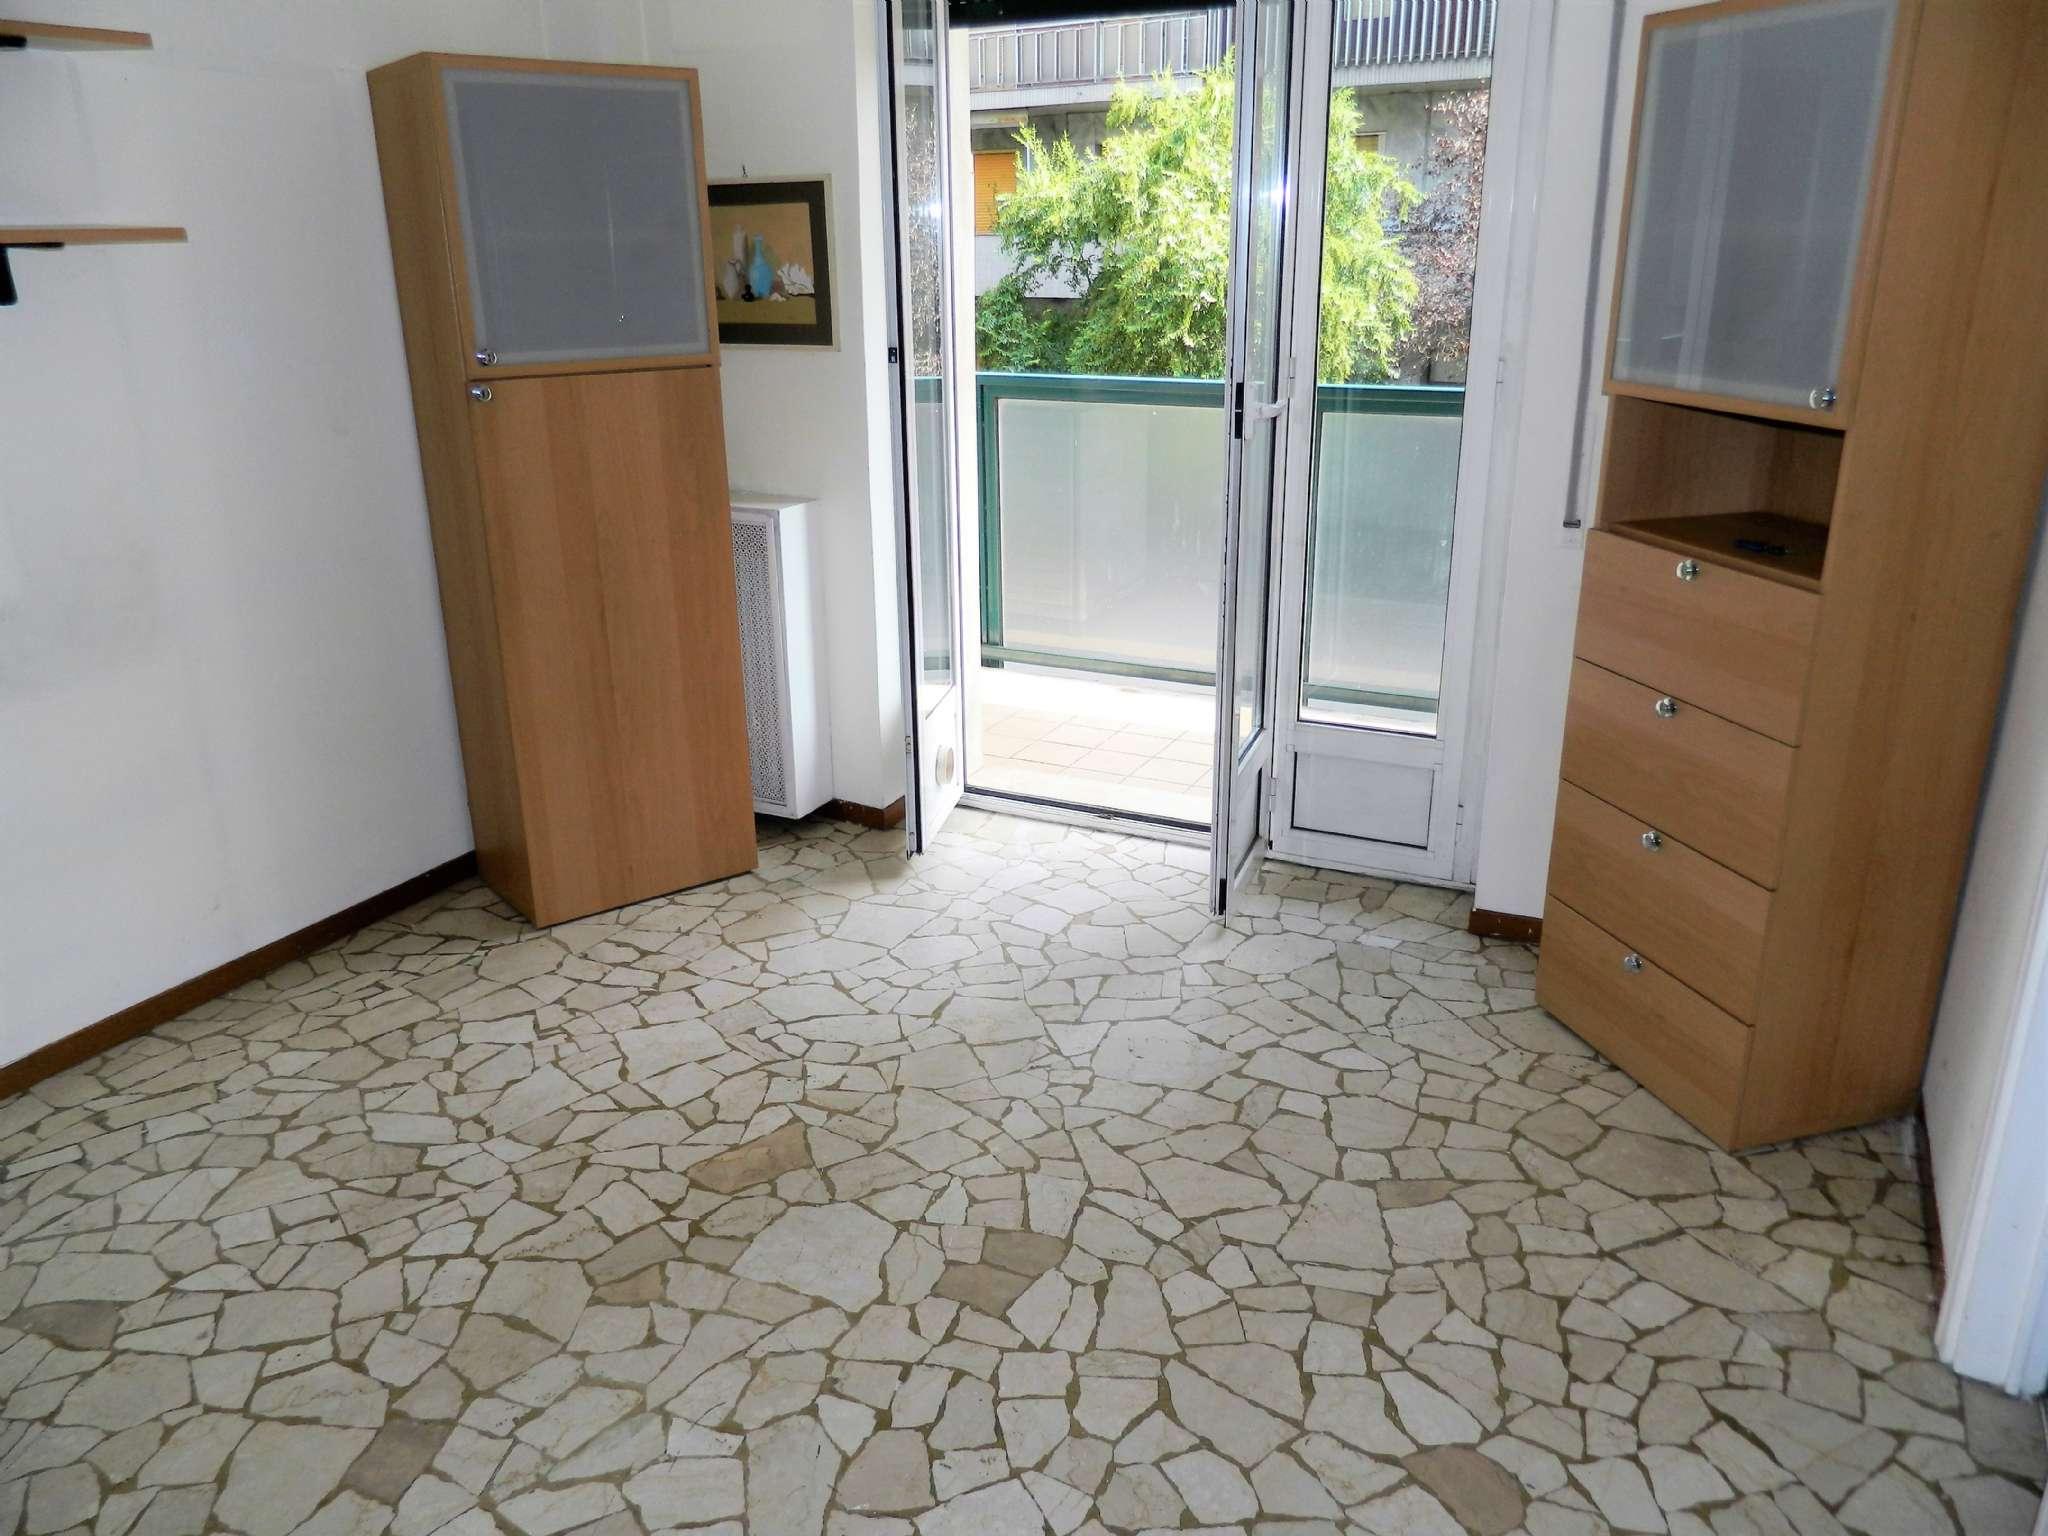 Appartamento in Vendita a Milano 29 Certosa / Bovisa / Dergano / Maciachini / Istria / Testi:  2 locali, 50 mq  - Foto 1